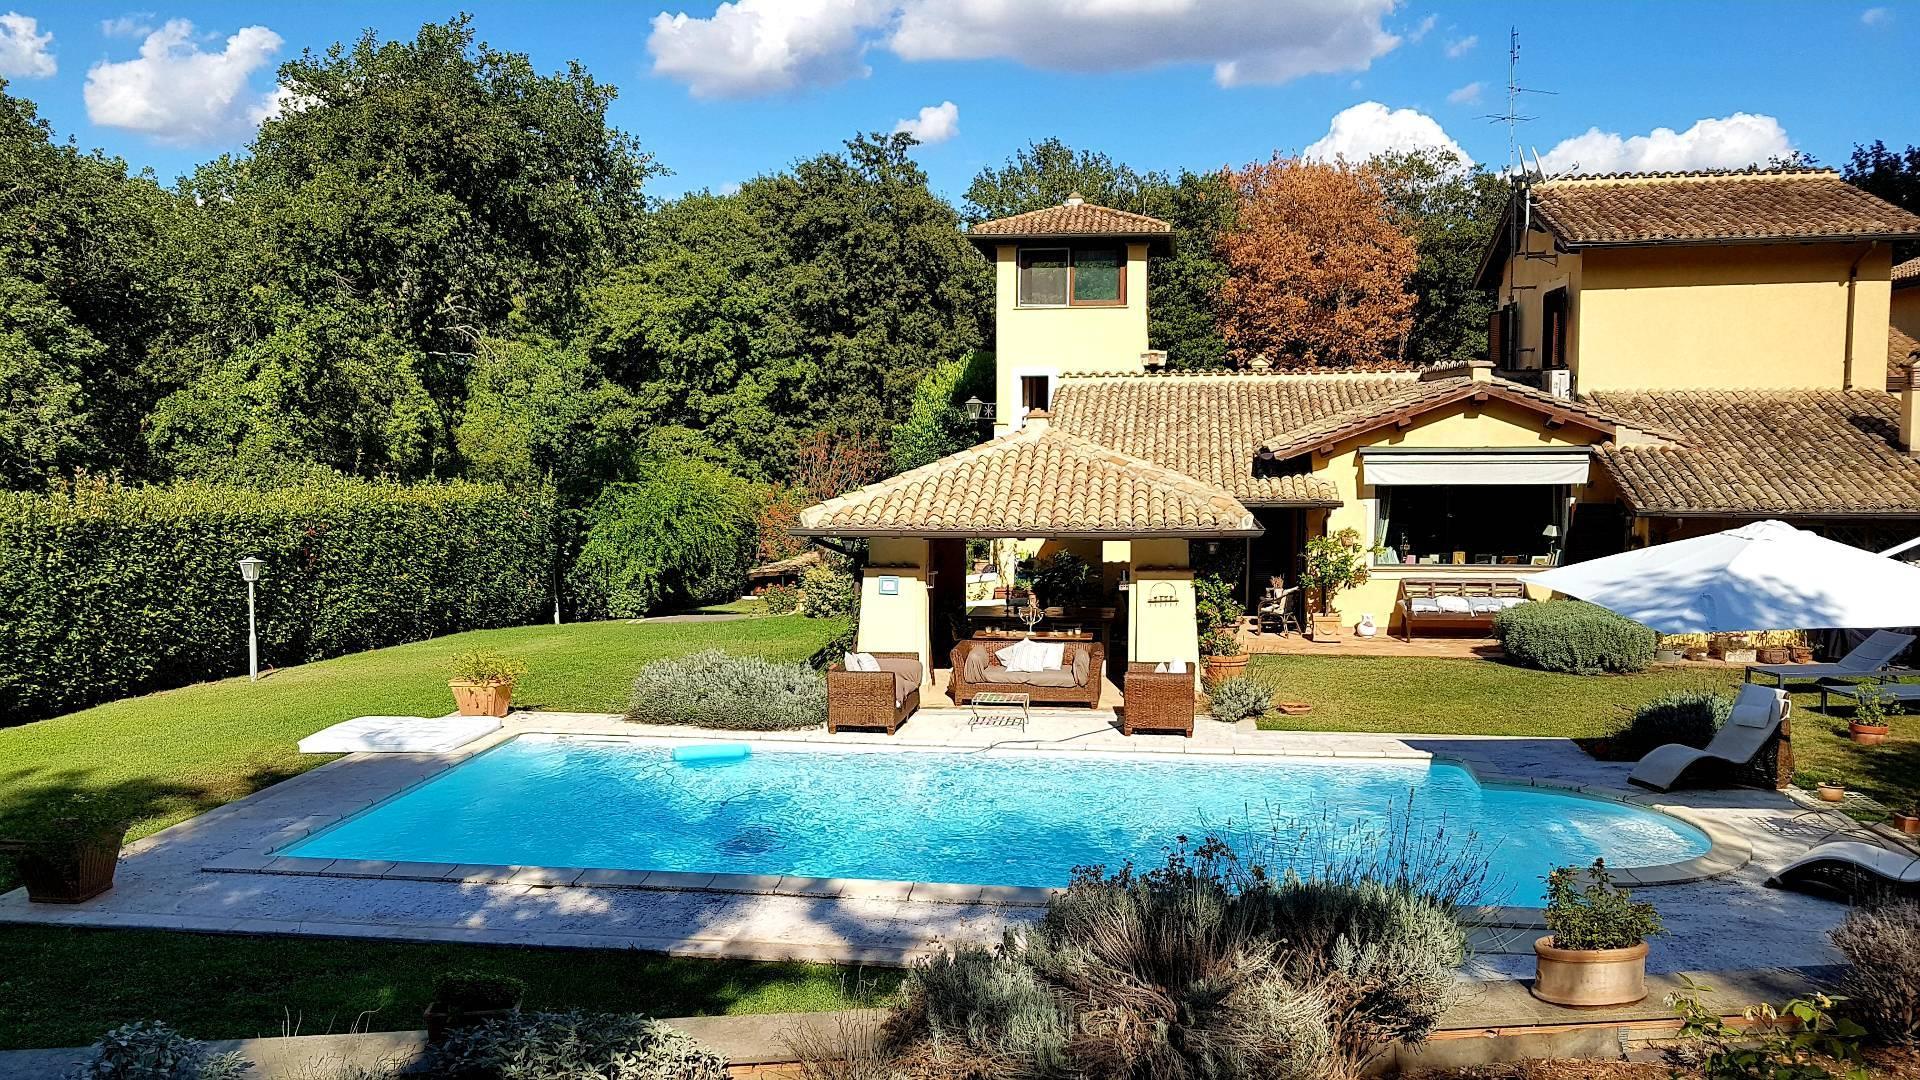 Soluzione Semindipendente in vendita a Roma, 15 locali, zona Zona: 42 . Cassia - Olgiata, prezzo € 1.380.000 | CambioCasa.it